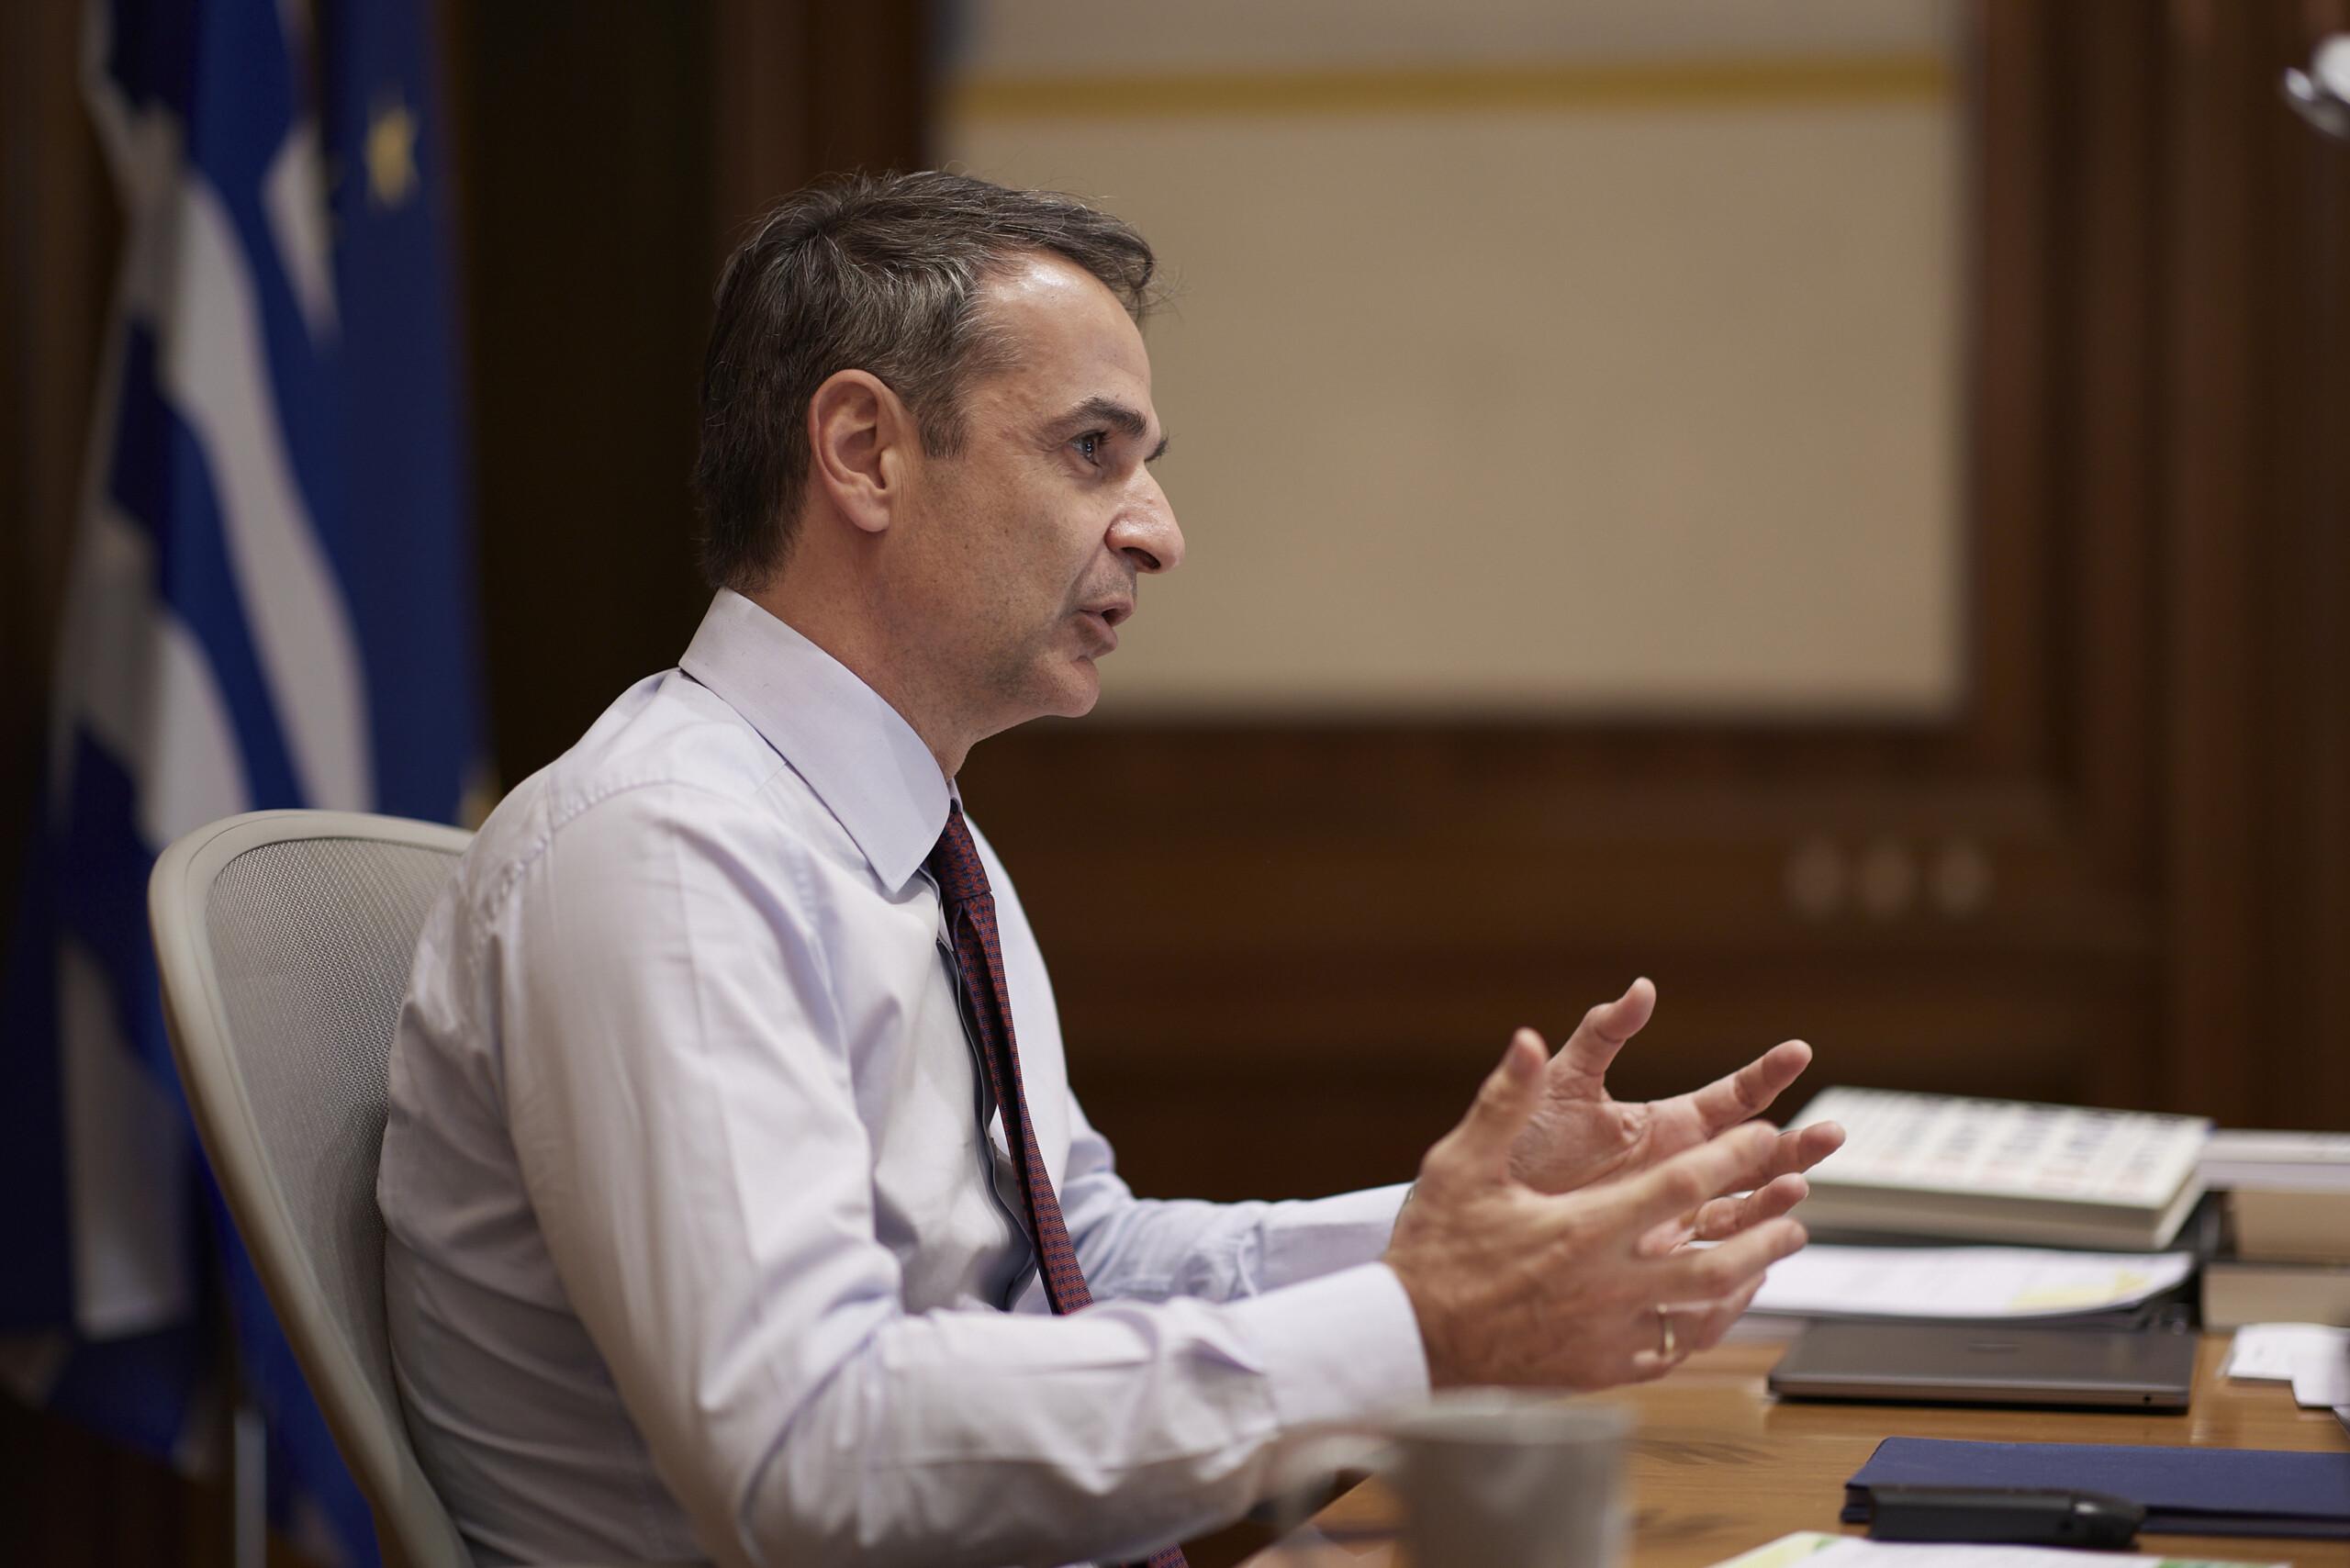 """Μητσοτάκης: """"Ελλάδα και Γερμανία δεν έχουν πλέον σχέση οφειλέτη – πιστωτή"""""""